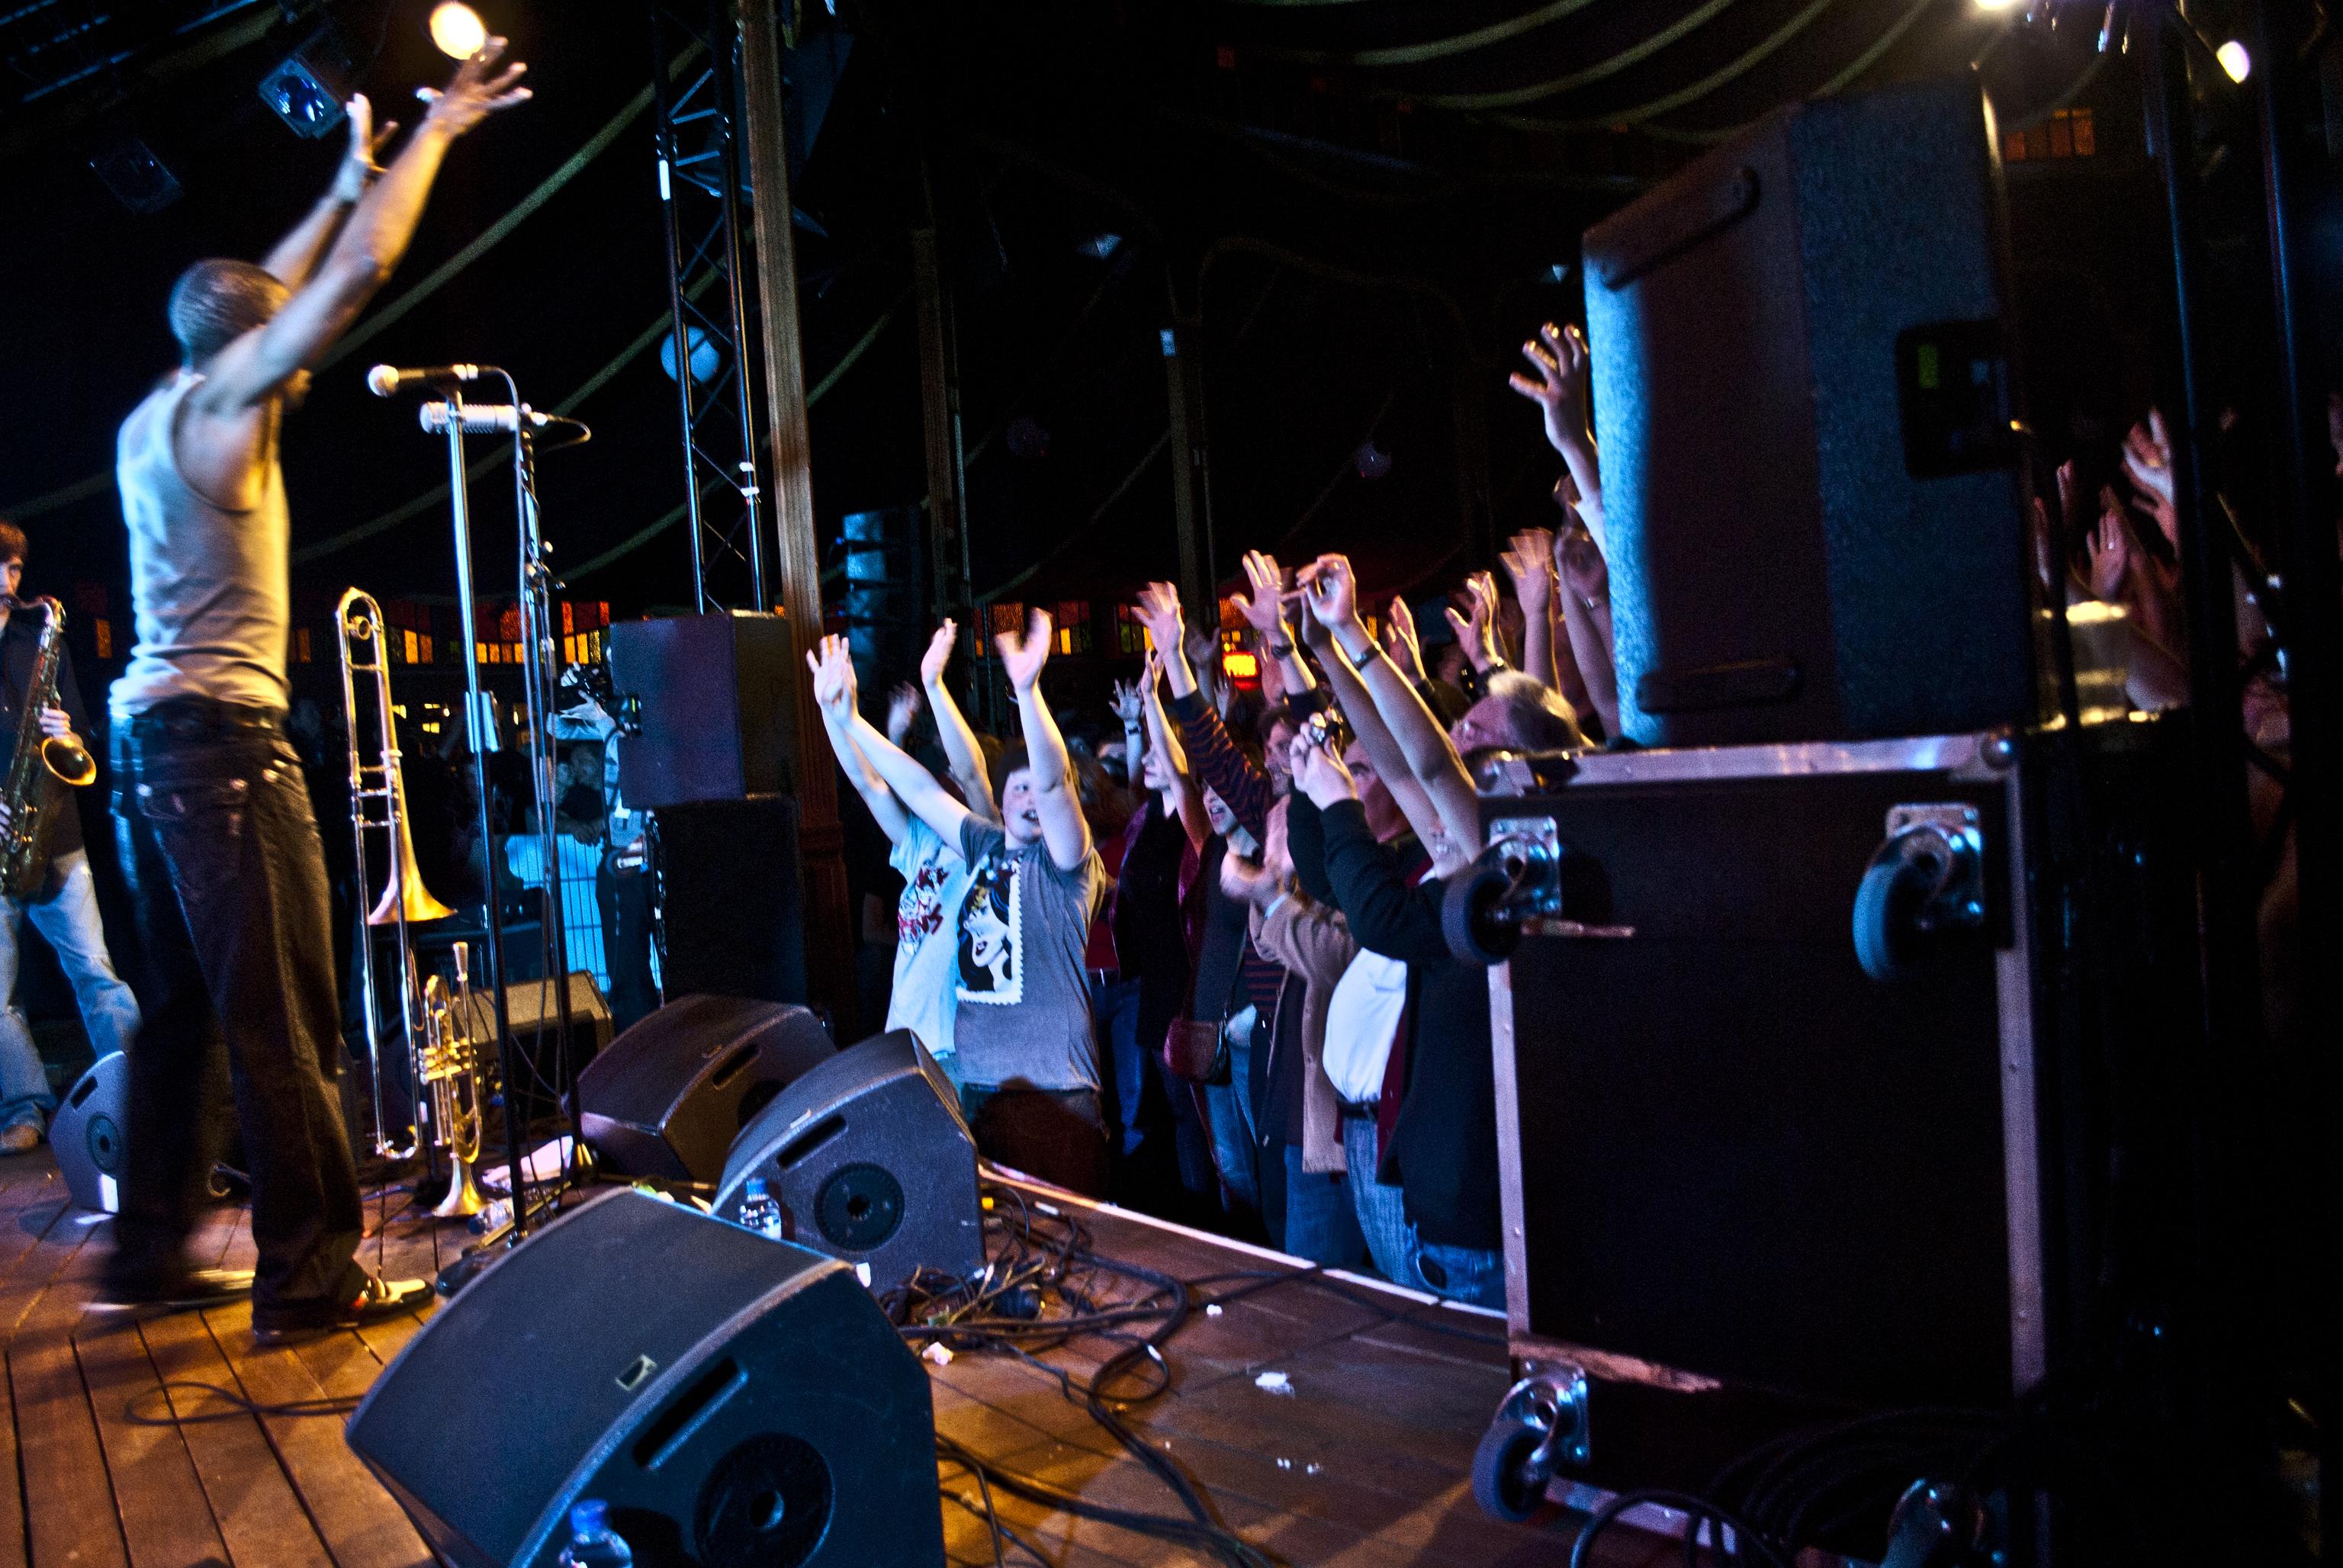 Festival Banlieues Bleues%252C ambiance concert%252C Seine Saint-Denis 2011. I. Bagayoko